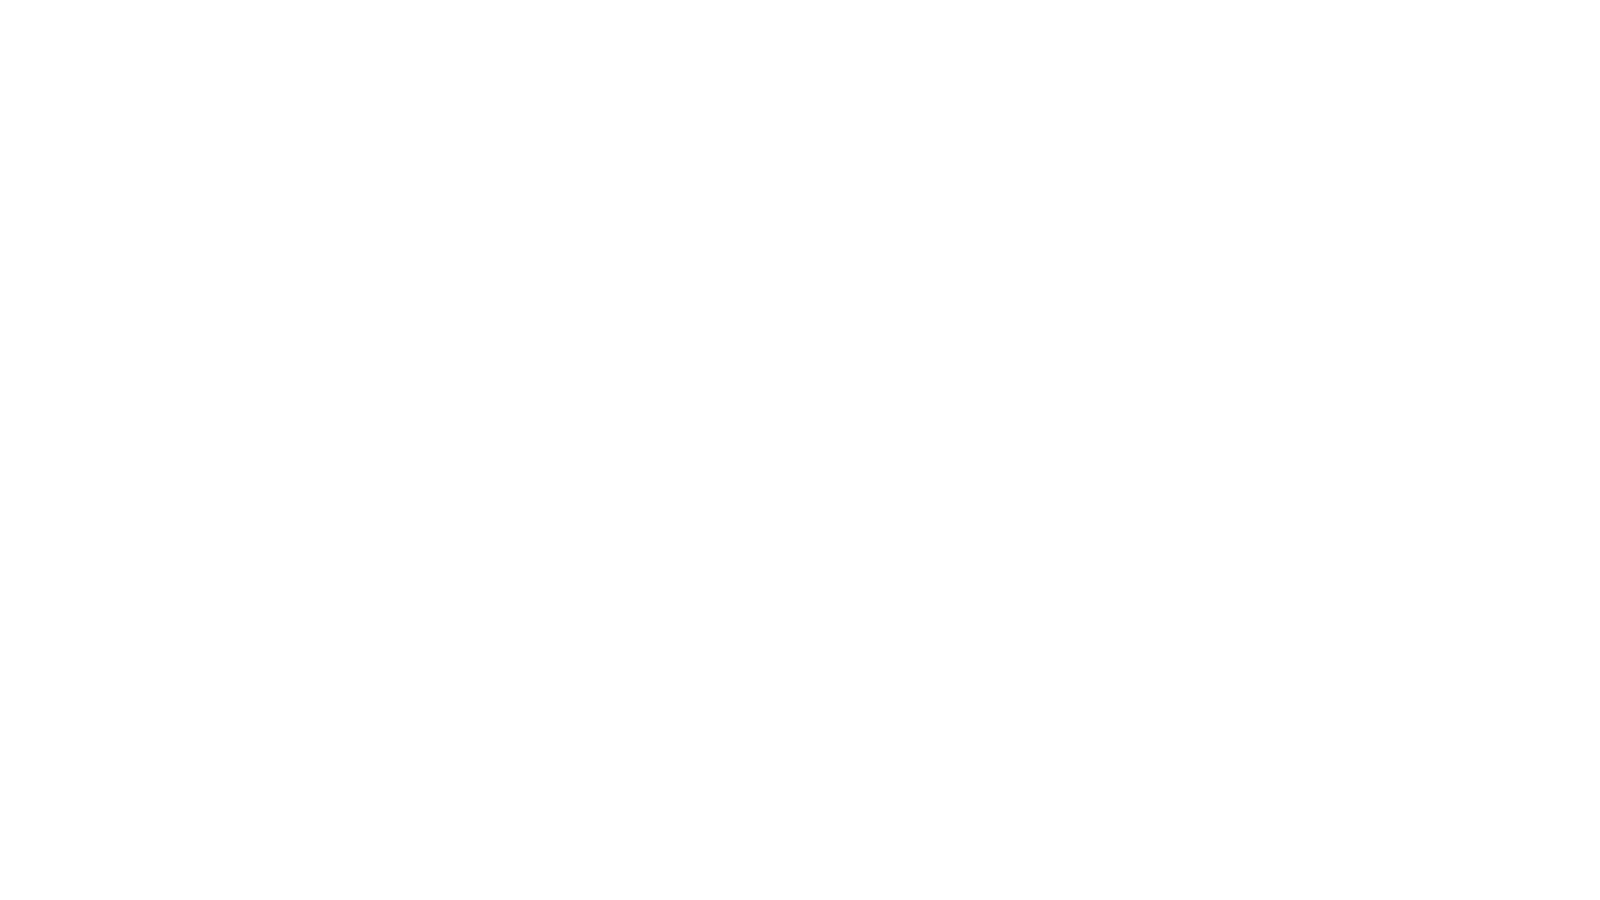 """El evento On line se desarrolló el Jueves 2 de setiembre a las 18 hs  organizado por Volendam Maderas,  patrocinado por la Fundación IDEAGRO y auspiciado por Expo Pioneros y Pioneros del Chaco SA.-   Los disertantes fueron:  Alfredo Santos de la empresa Montana Química de Brasil . Luca Serrati de la Impregnadora VOLENDAM.  Utilización de la madera   La madera industrialmente preservada lleva ya casi dos décadas de presencia en Paraguay. Si bien en un principio su utilización no era masiva, en los últimos cinco años el mismo se ha visto expandido a diversas áreas de utilización.            En la medida en la que el mercado de la madera tratada y sus consumidores empiezan a tener mayor disponibilidad de productos, su utilización se va diversificando y masificando.  En el webinar del 2 de Setiembre, se expuso sobre los fundamentos de la madera tratada, así como sus principales aplicaciones hoy en Paraguay.  El objetivo es informar al consumidor sobre las opciones que tiene en madera tratada, que puede hacer así como también que no puede hacer.    Para esto, se comenzó por la explicación de las bases científicas del tratamiento de madera con CCA (el método más usado hoy en el mundo) y luego se explayaron sobre las aplicaciones prácticas de este proceso industrial en estructuras existentes hoy en Paraguay.   A cerca de VOLENDAM  La Cooperativa Volendam es na empresa con una imagen económicamente sólida, que se integra al movimiento cooperativo nacional y construye responsablemente el futuro de sus hijos y sus comunidades vecinas en un ambiente ecológicamente sustentable. La impregnadora de maderas fue inaugurada en agosto del 2019 con una inversión importante para poder seguir apoyando a los socios y productores apuntando principalmente a proyectos sostenibles y sustentables que tienen que ver con la producción silvopastoril, y a que los que encaran dicho sistema puedan tener un canal de comercialización""""."""